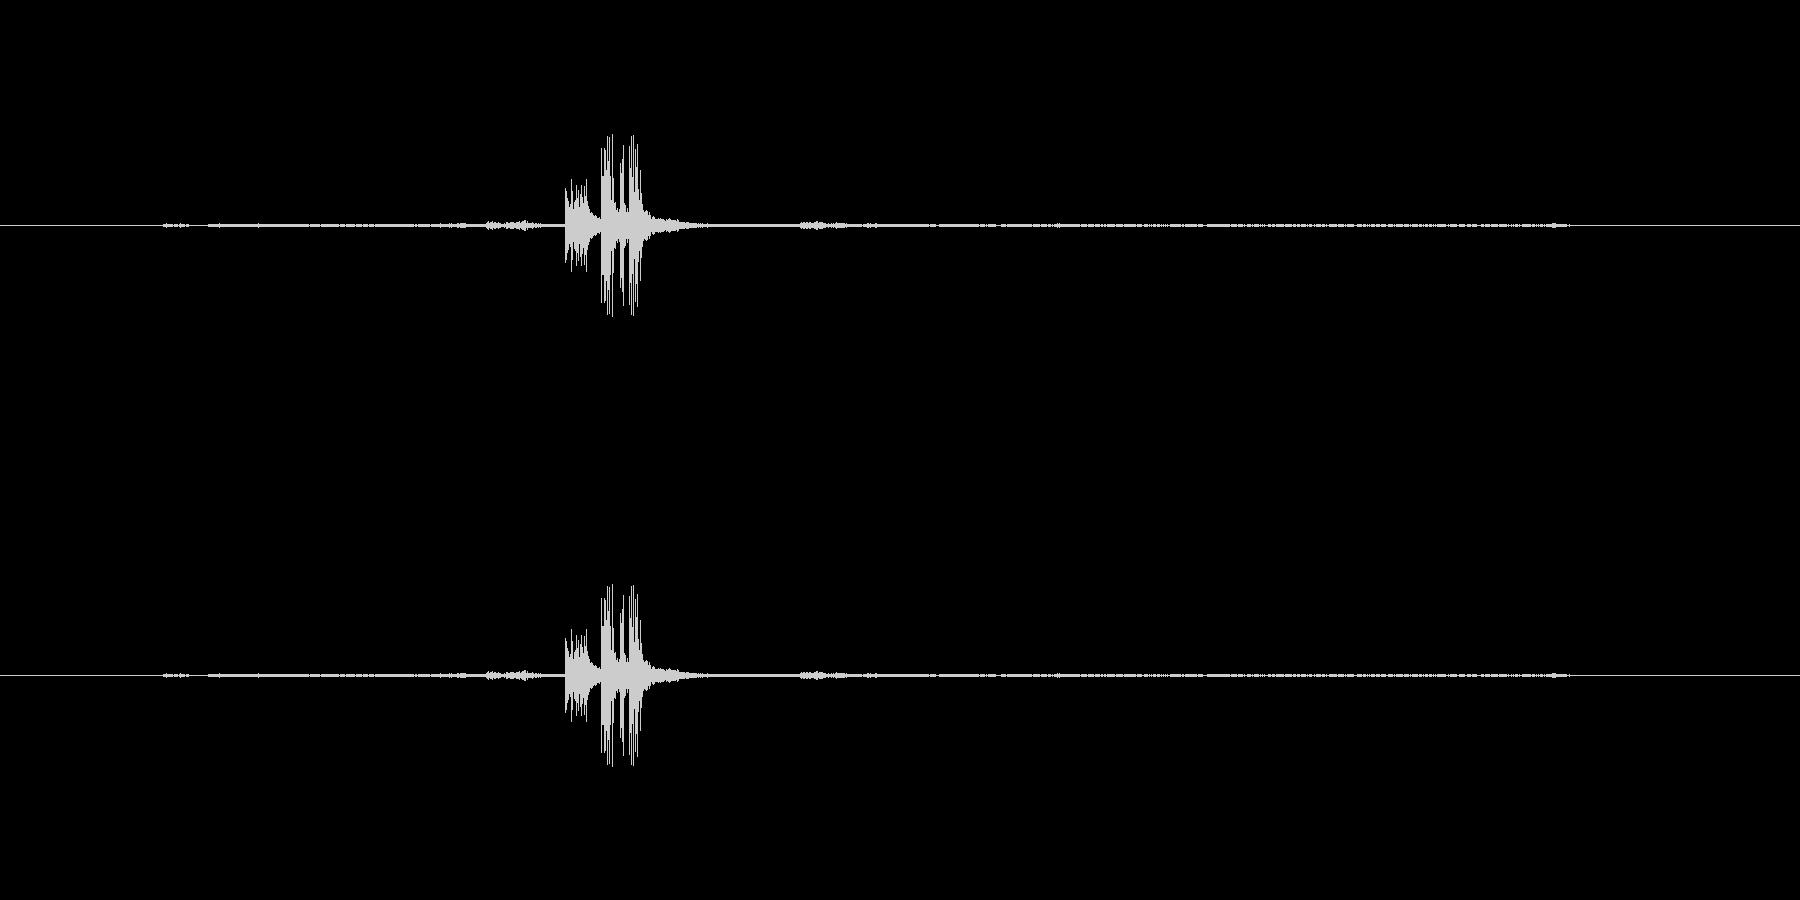 タイムカードを切る音(モノラル)の未再生の波形